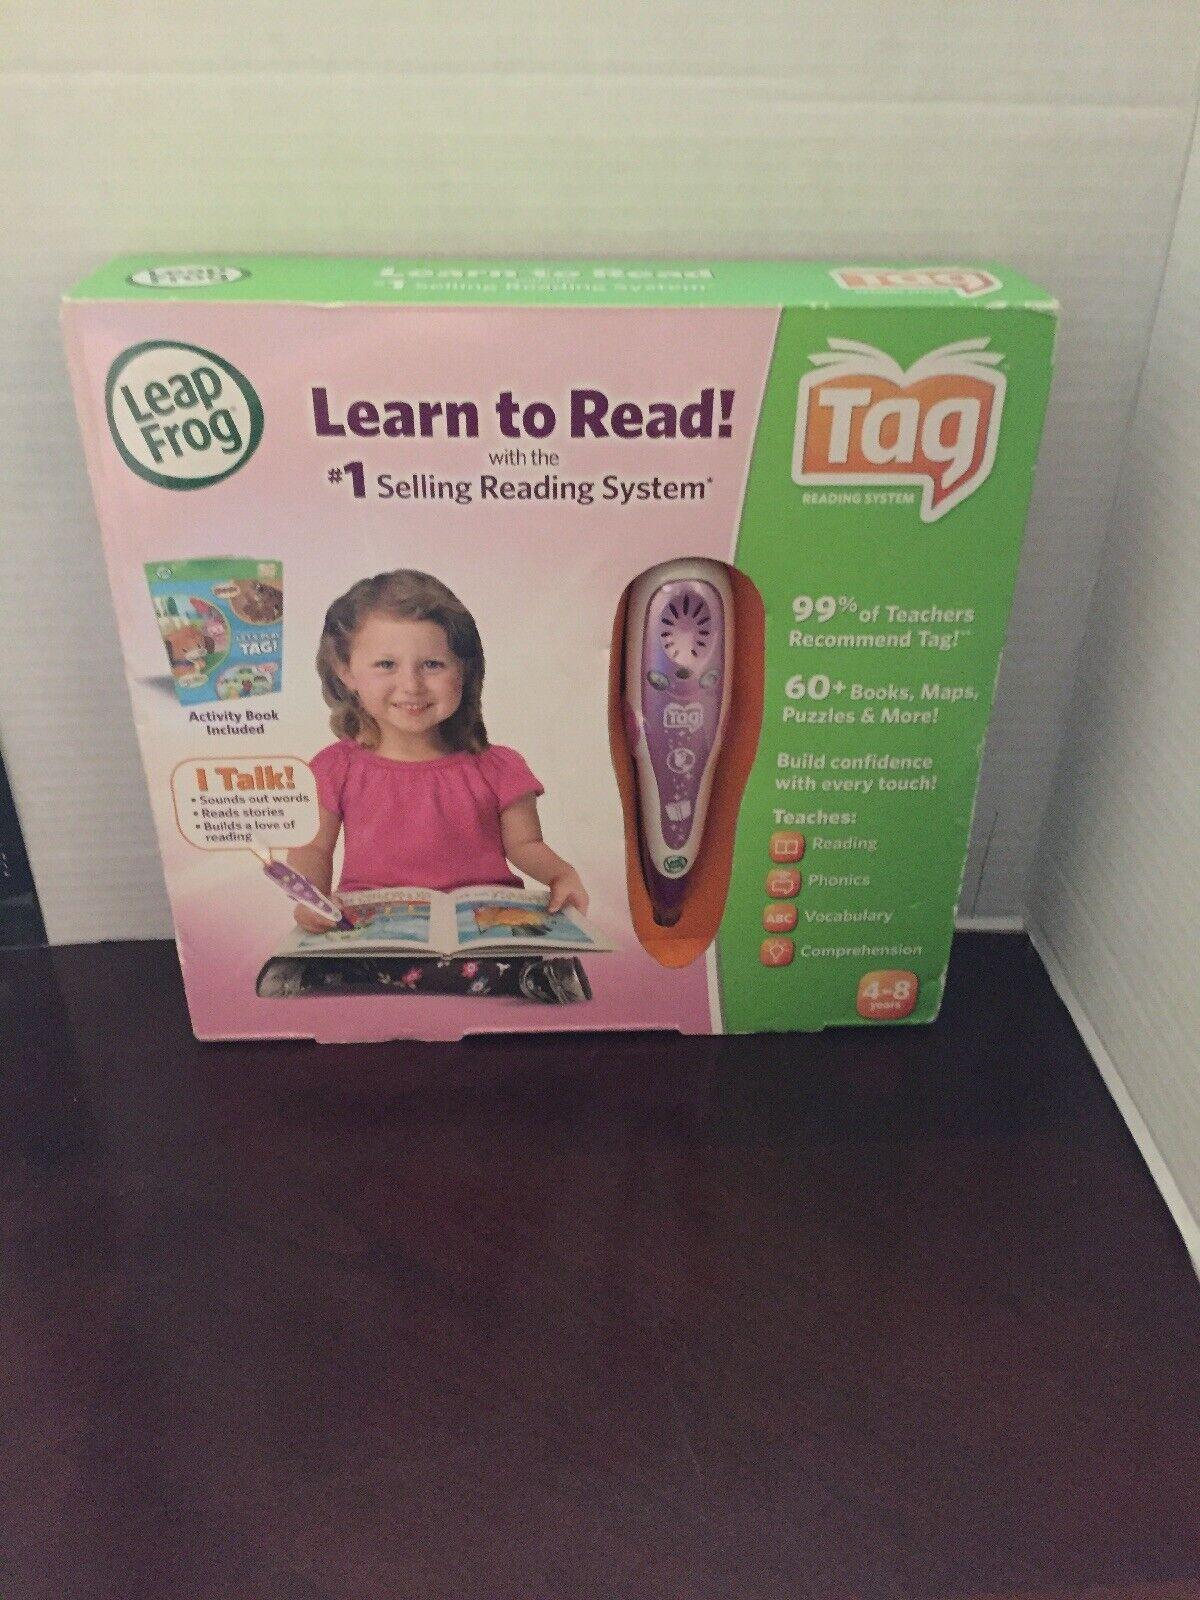 Mejor precio Leapfrog aprender a leer con el el el sistema de lectura de venta de 1 con Libro De Actividad Nuevo  buena calidad